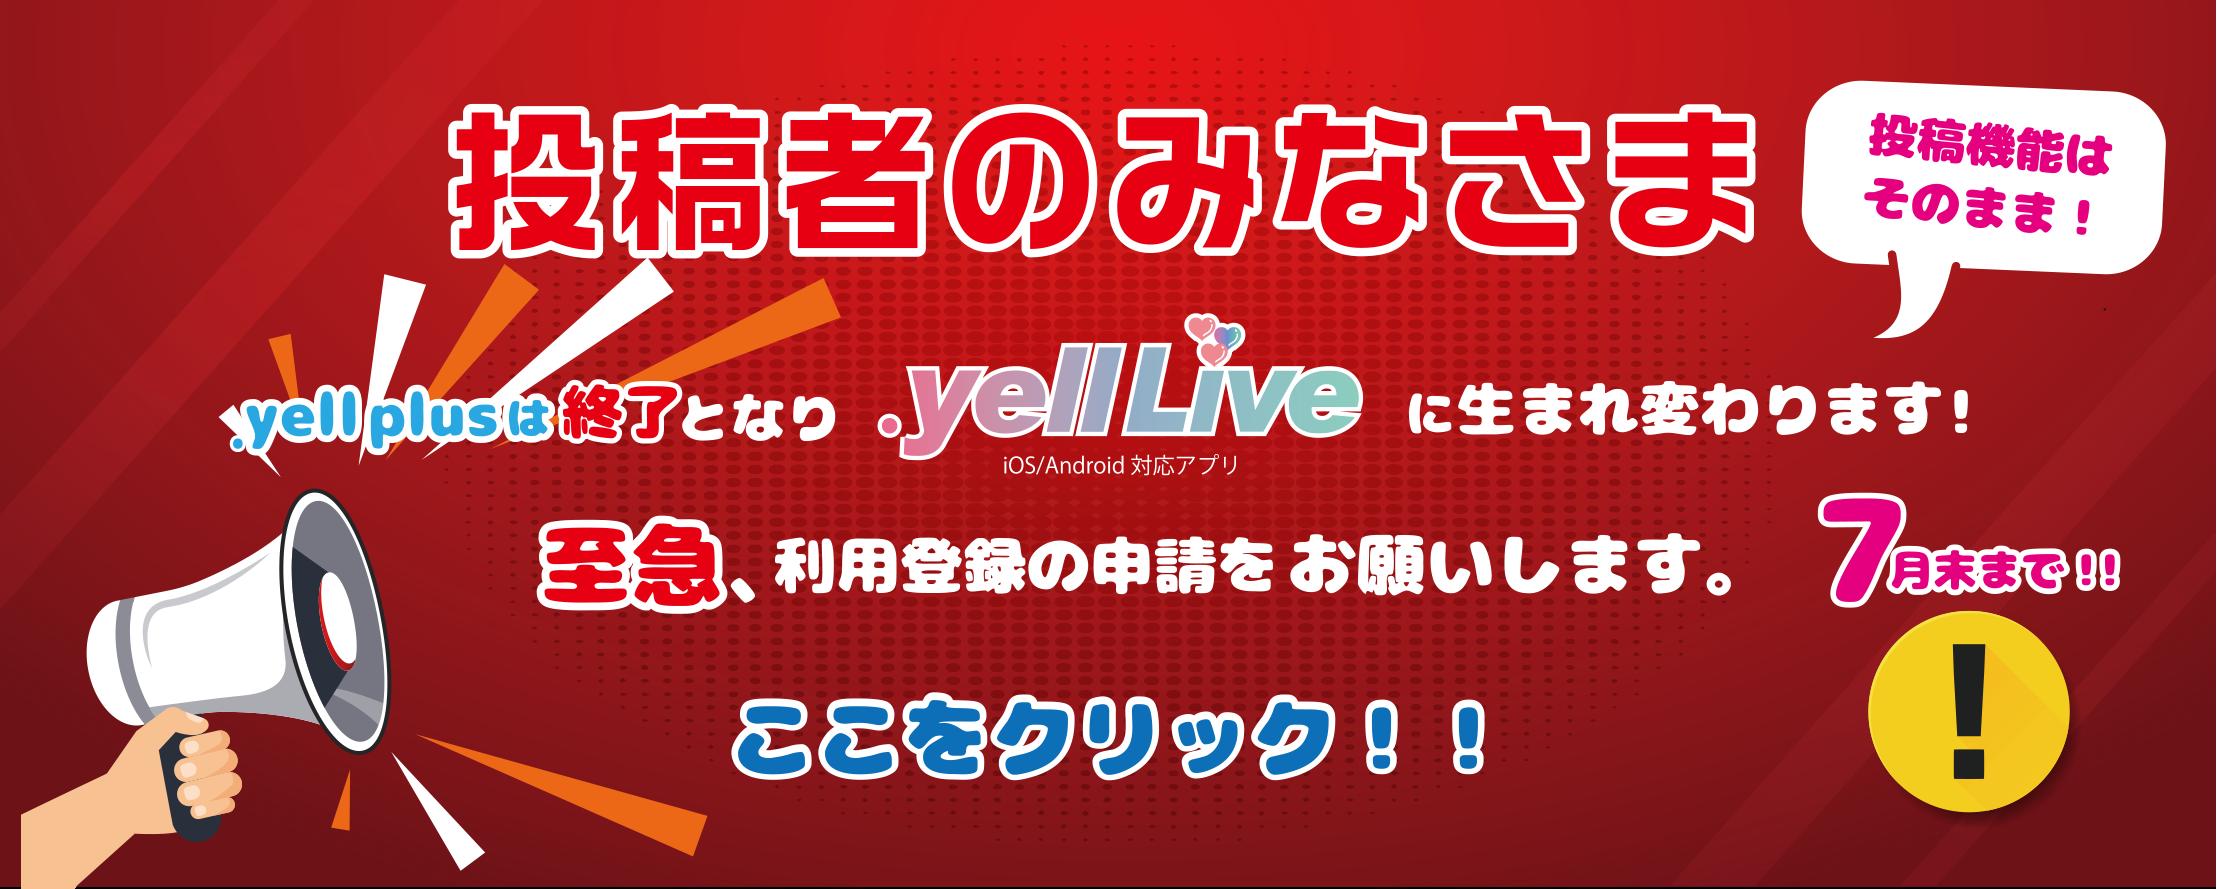 【重要】.yell Live利用申請フォーム